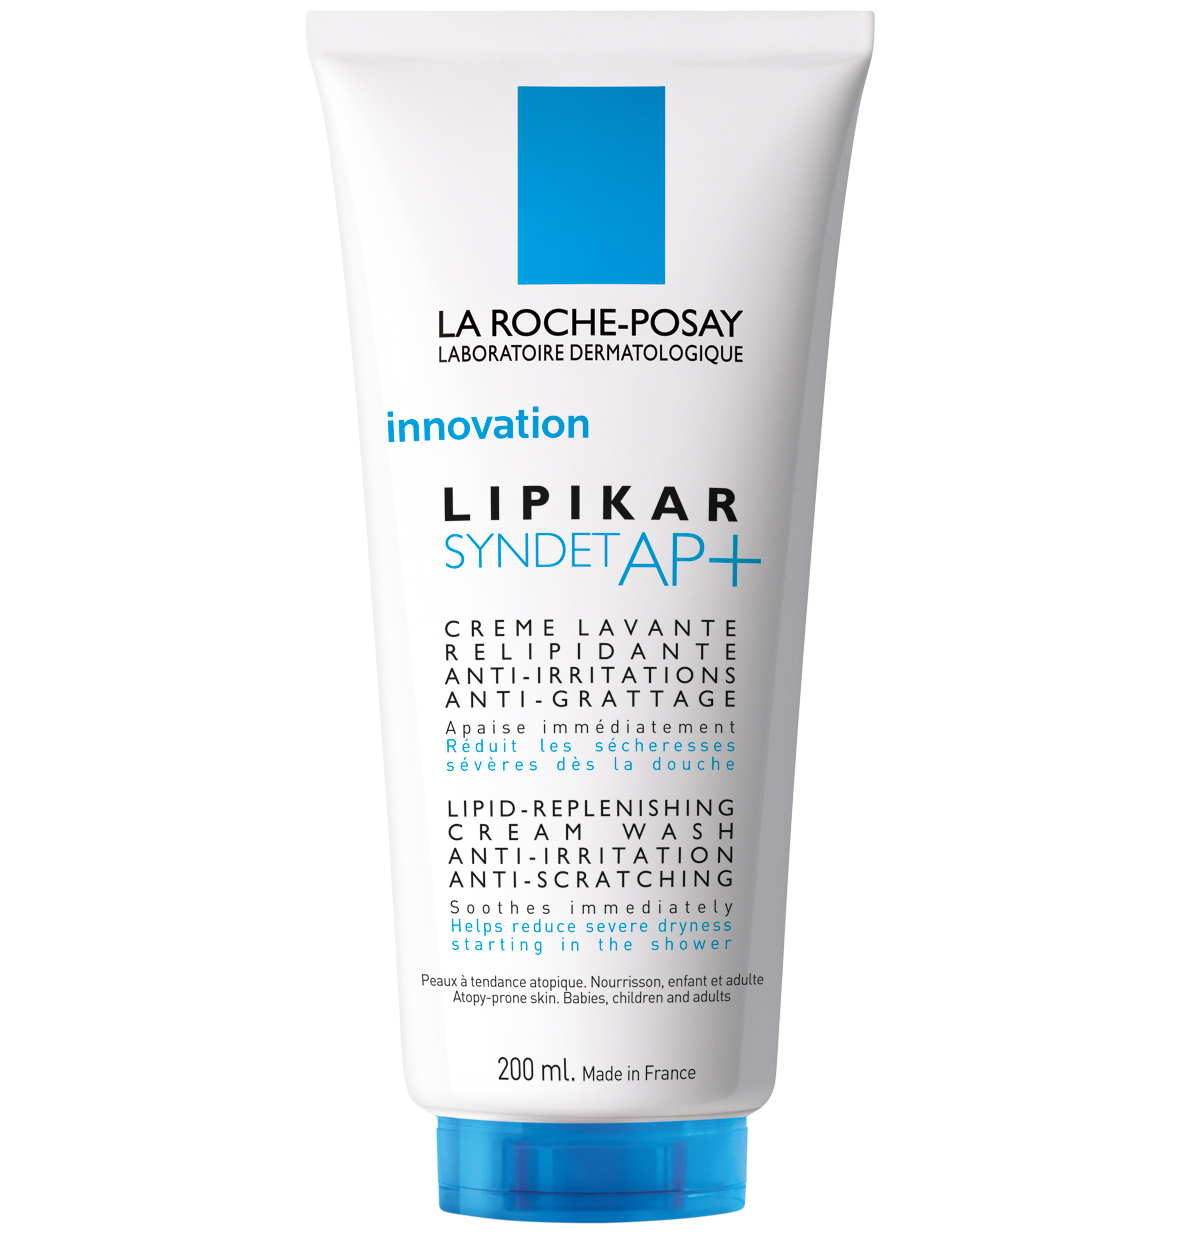 La Roche-Posay Lipikar Syndet AP+ Κρέμα Καθαρισμού για Αναπλήρωση των Λιπιδίων, Κατά των Ερεθισμών & του Κνησμού, Χωρίς Σαπούνι – 200ml